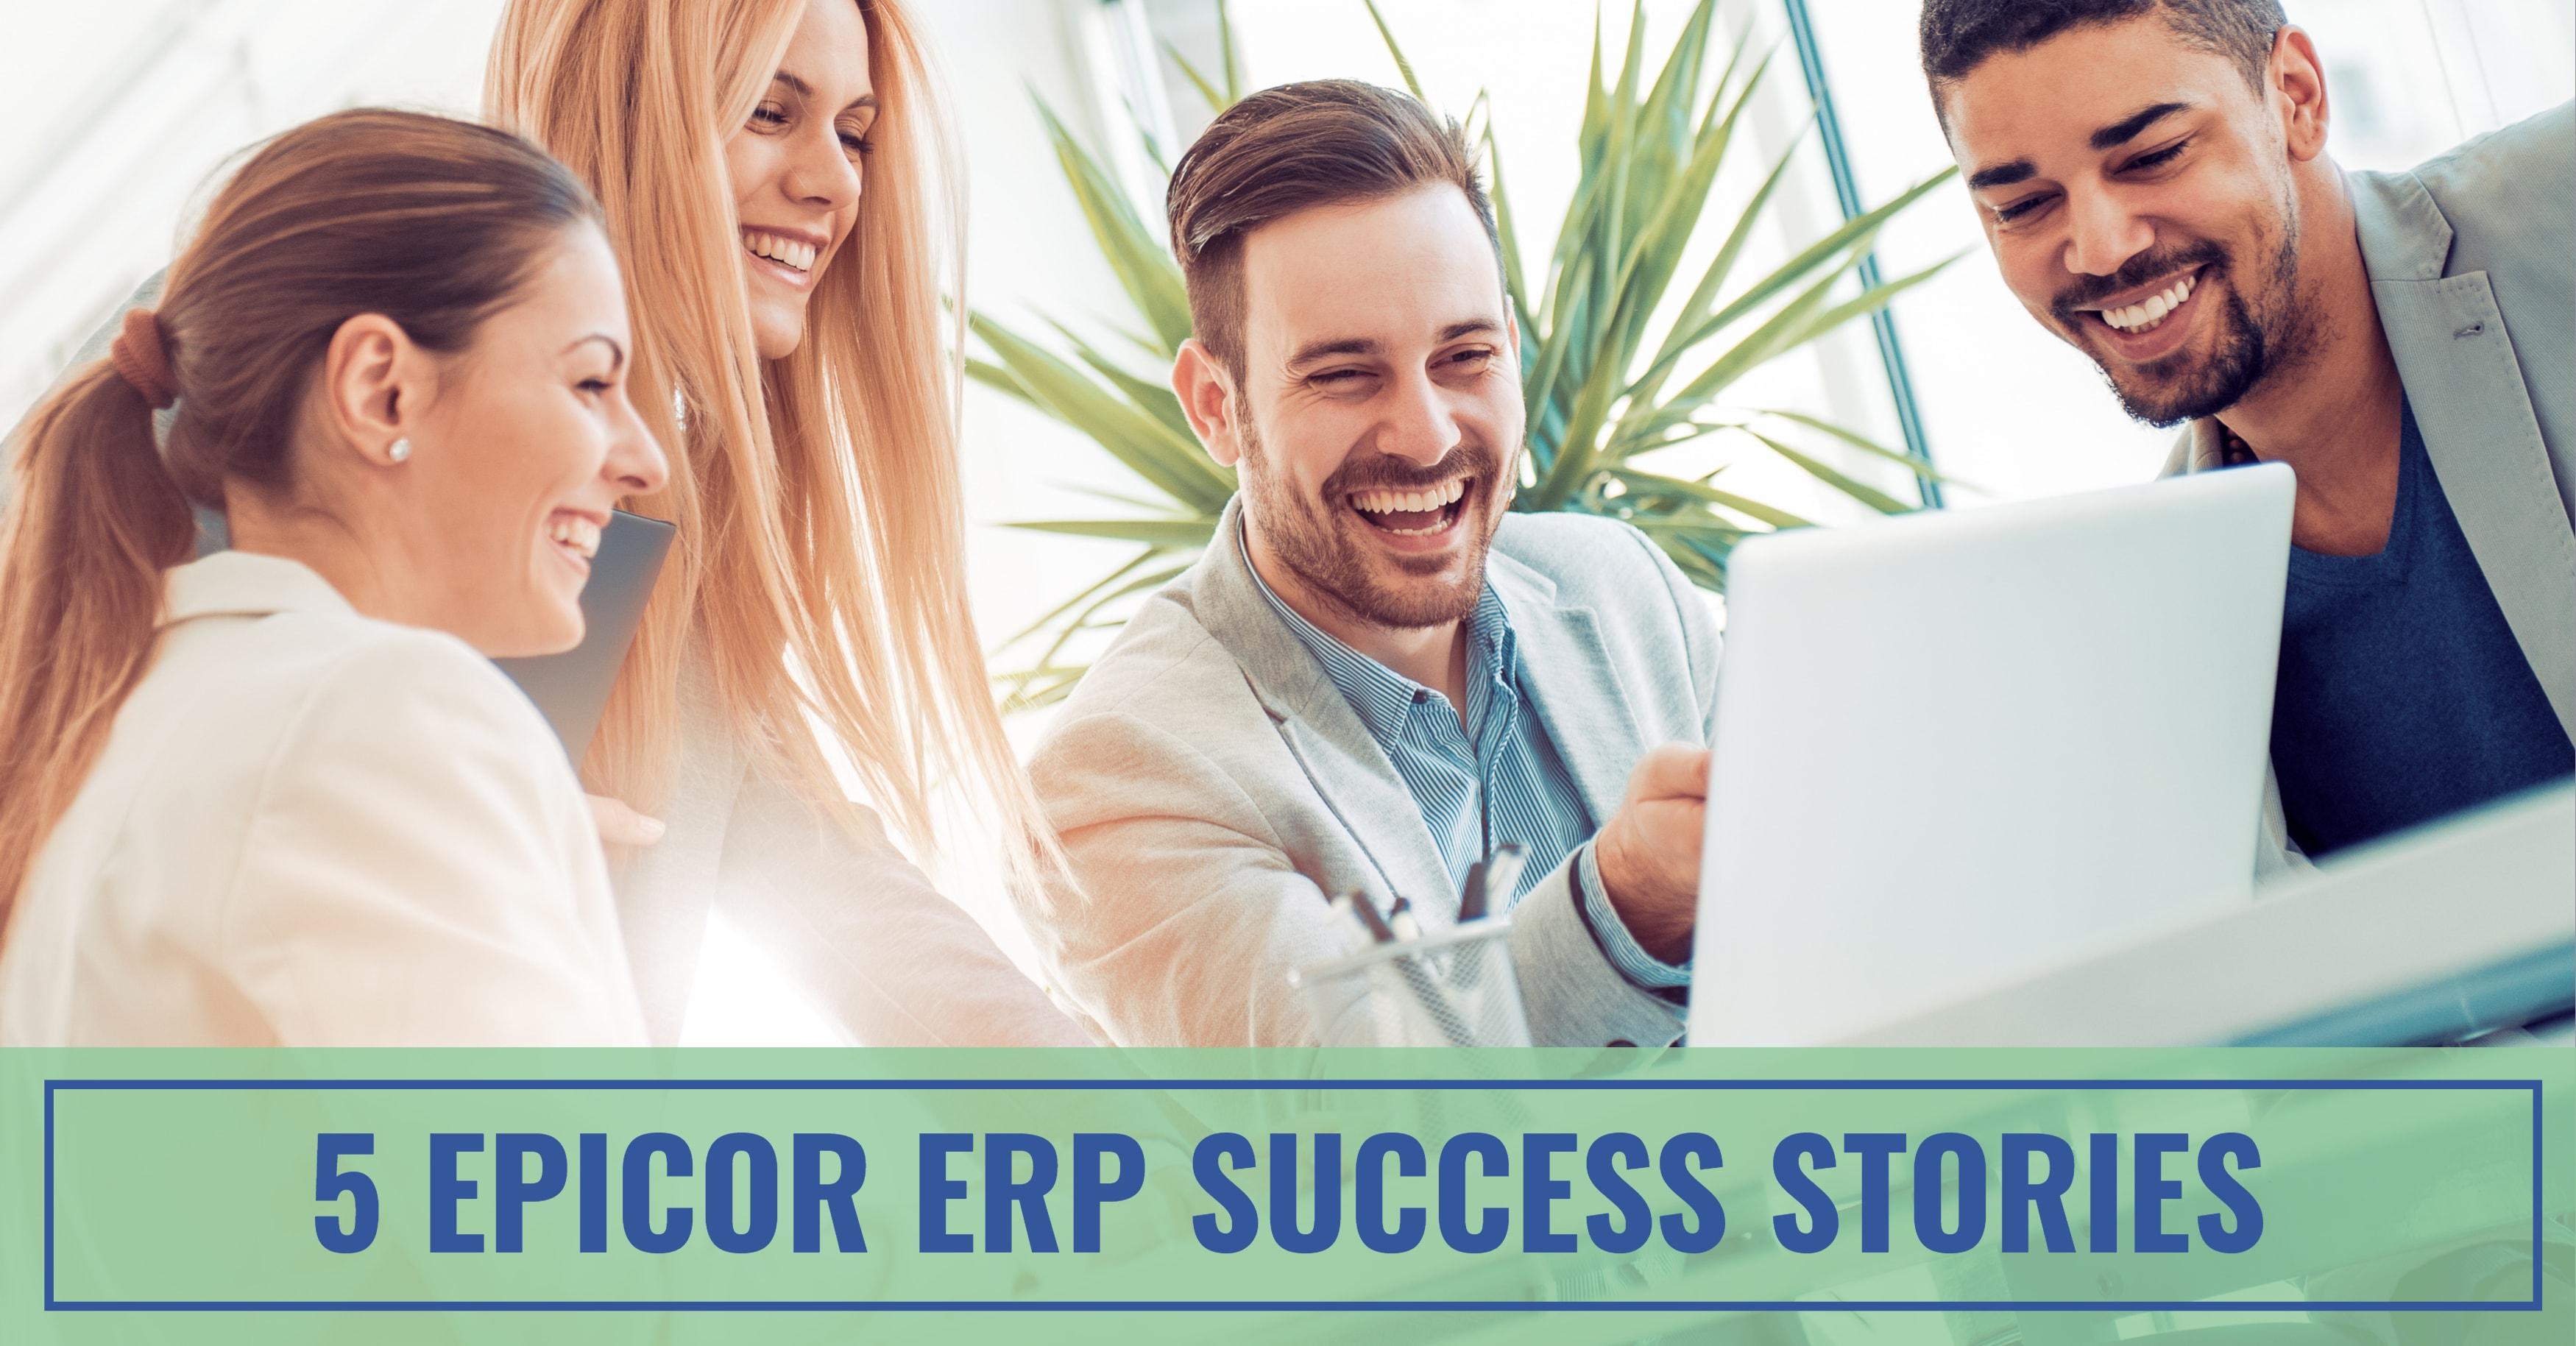 Epicor ERP Success Stories